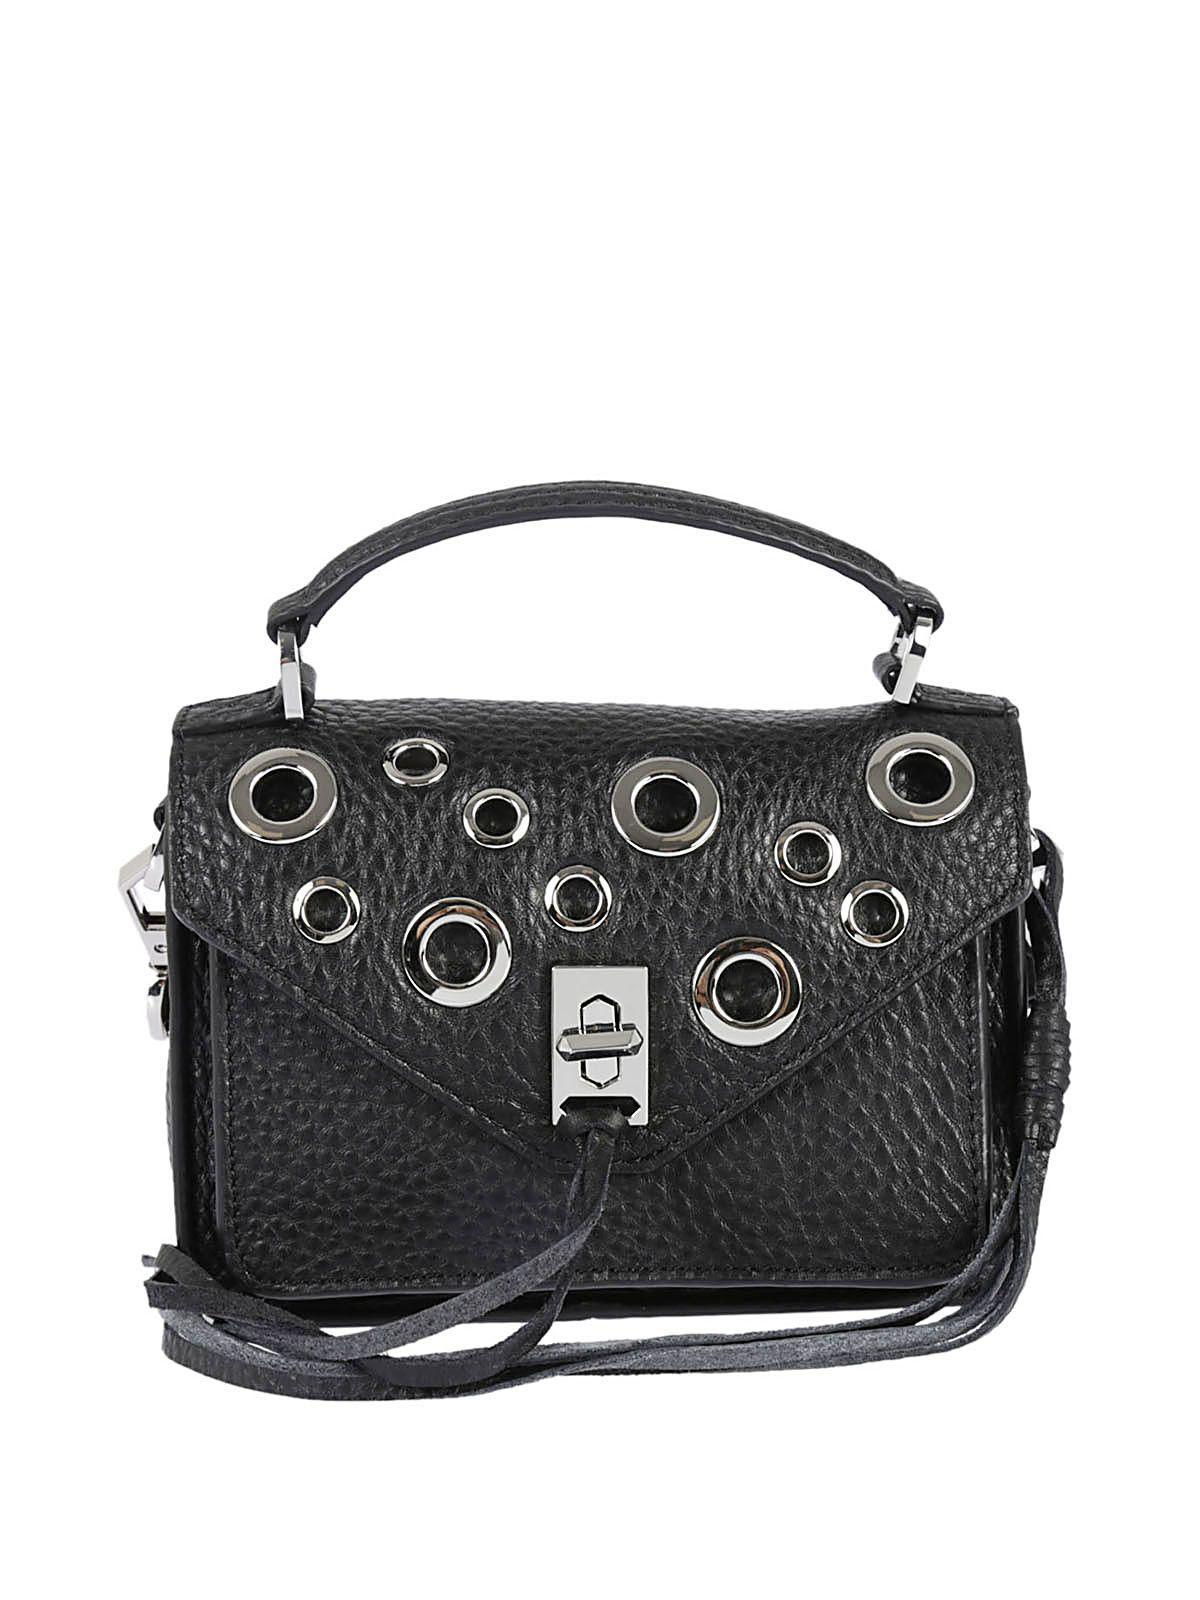 Rebecca Minkoff Mini Darren Shoulder Bag In Black